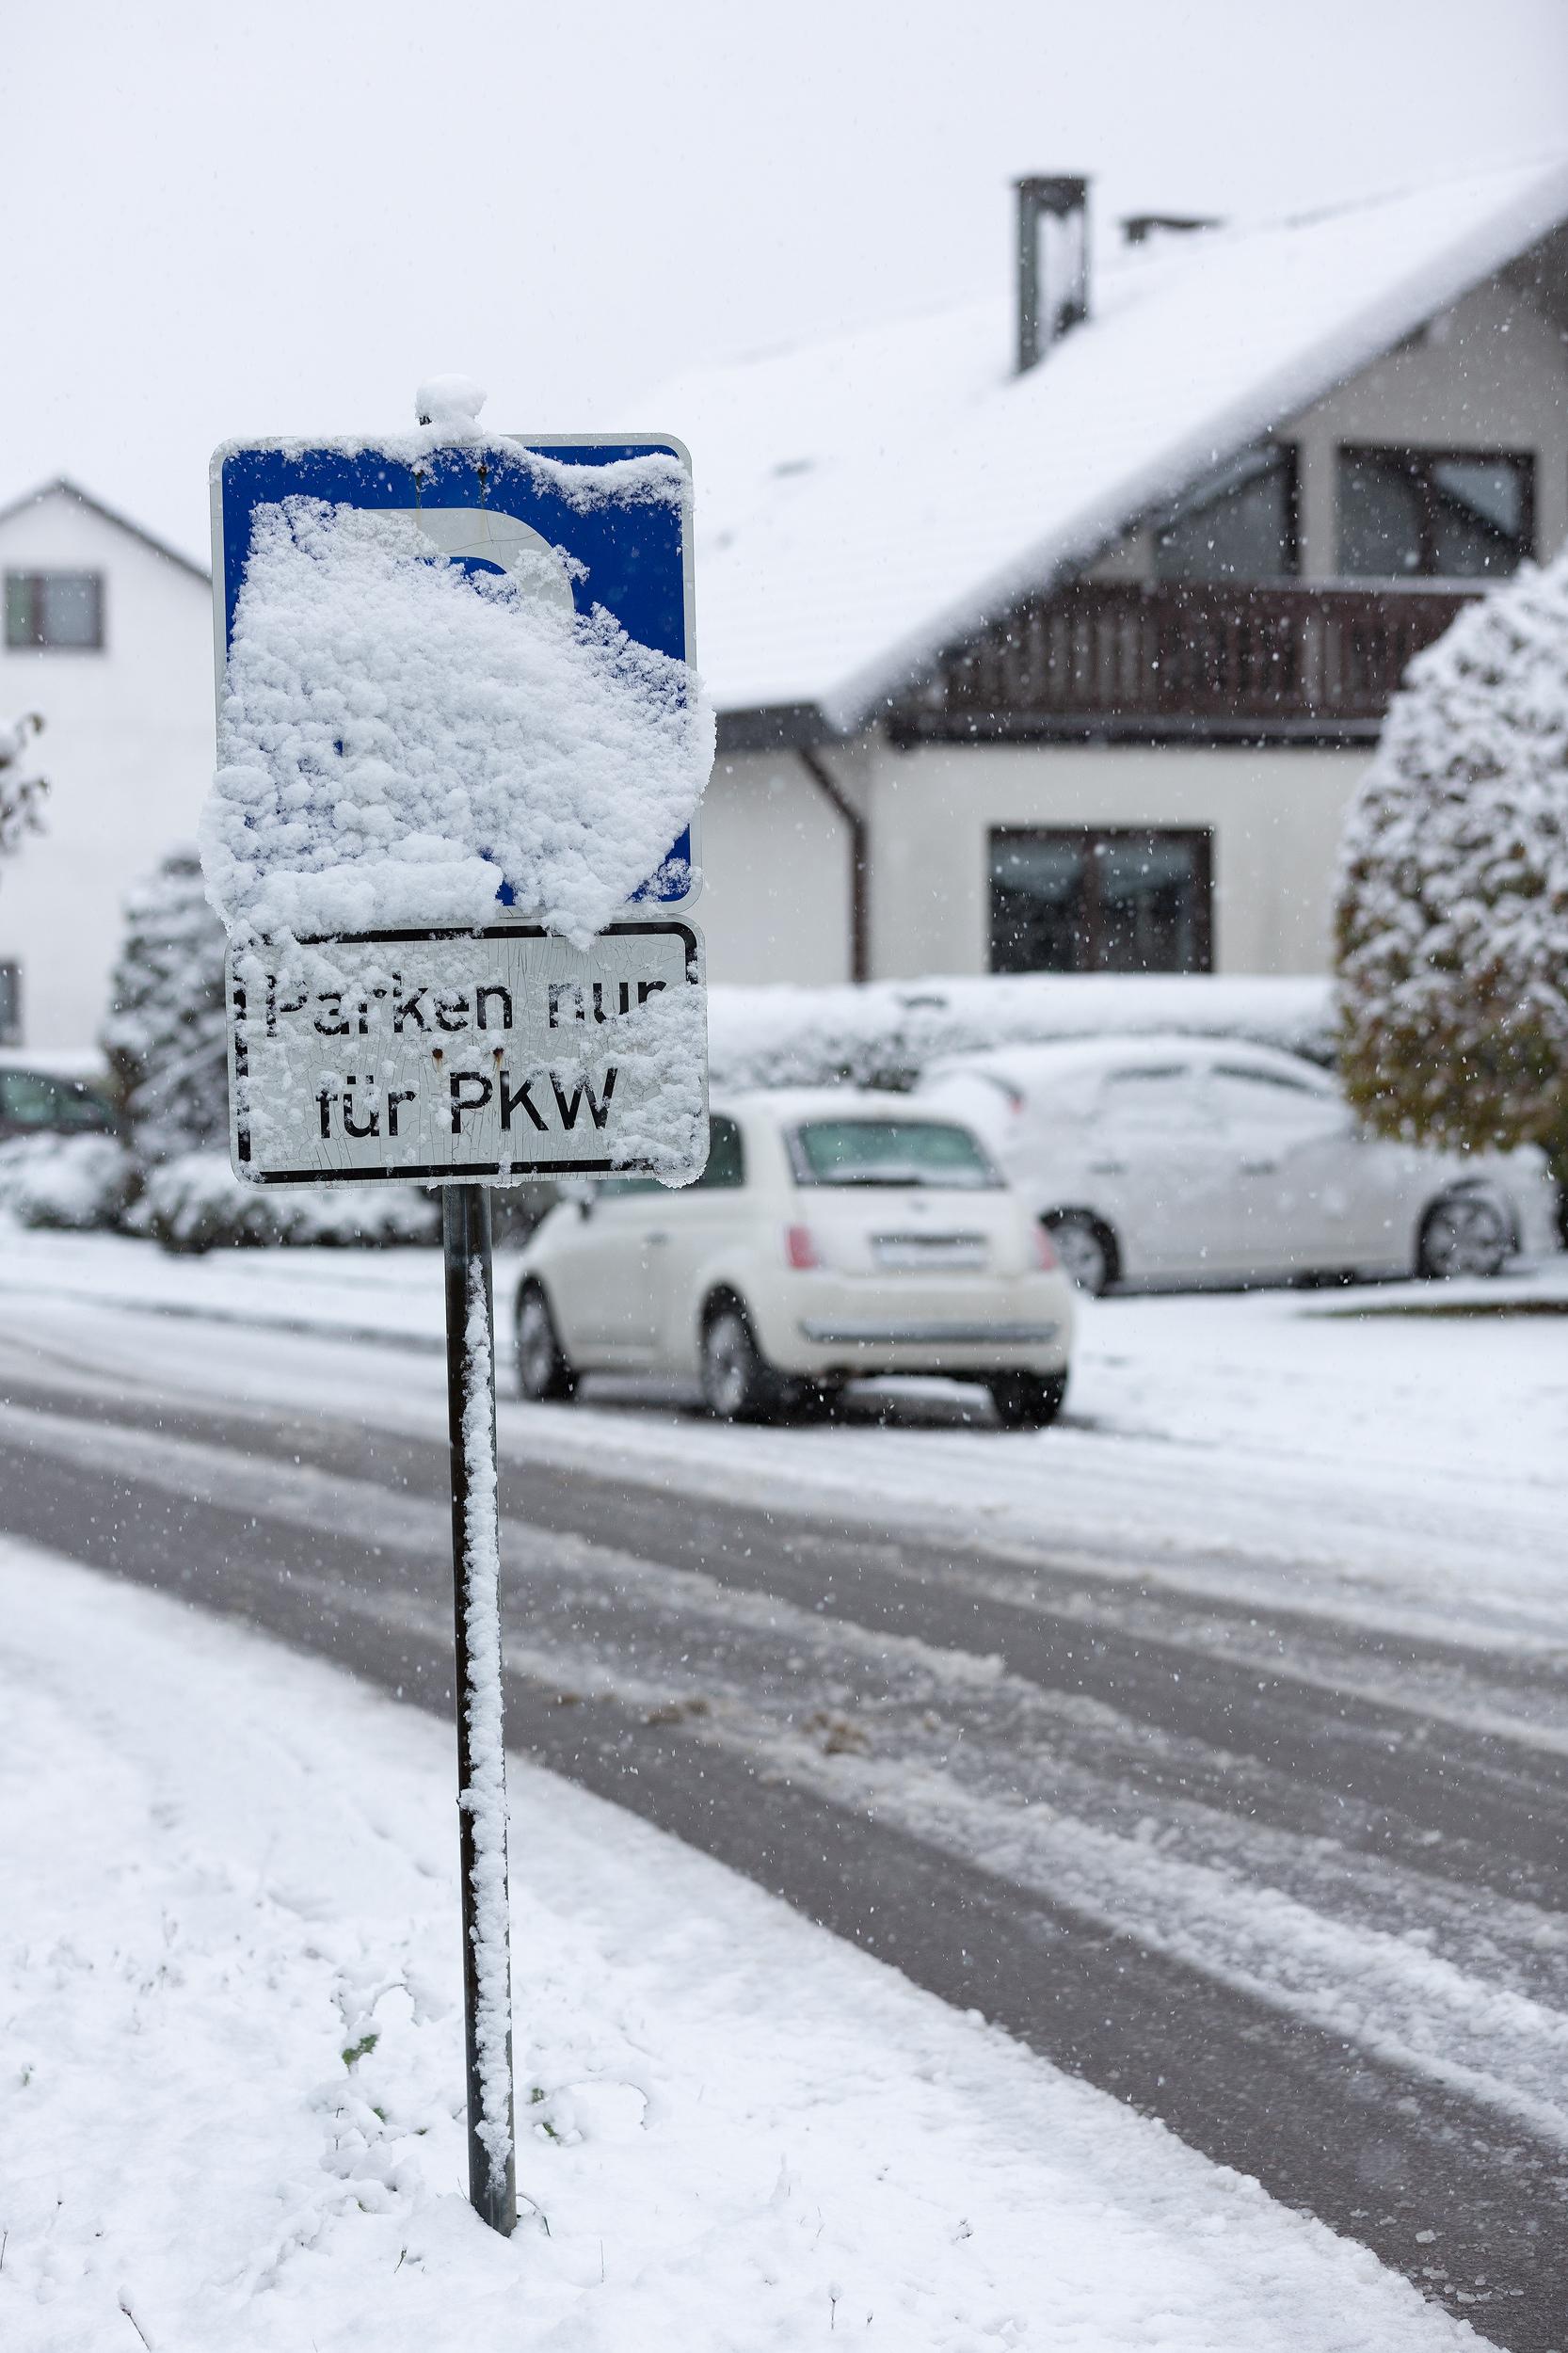 Verschneites Parkplatzschild an einer nicht geräumten Seitenstraße.